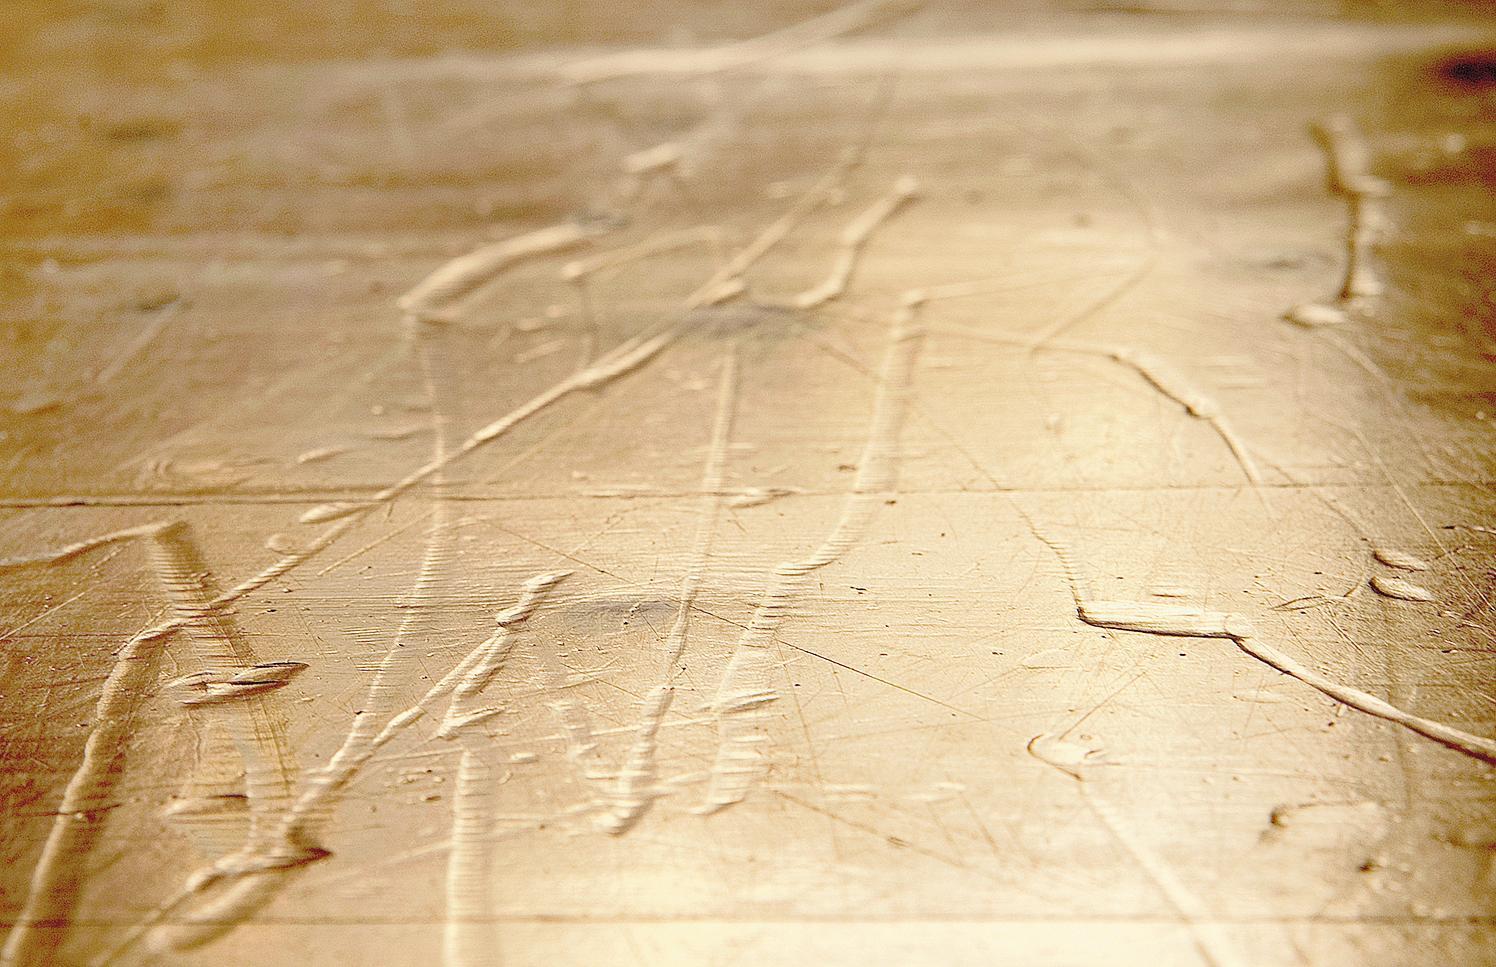 Kleinere Druckstellen im Holz können mit einem feuchten Tuch und einem Bügeleisen behandelt werden. FOTO: DPA